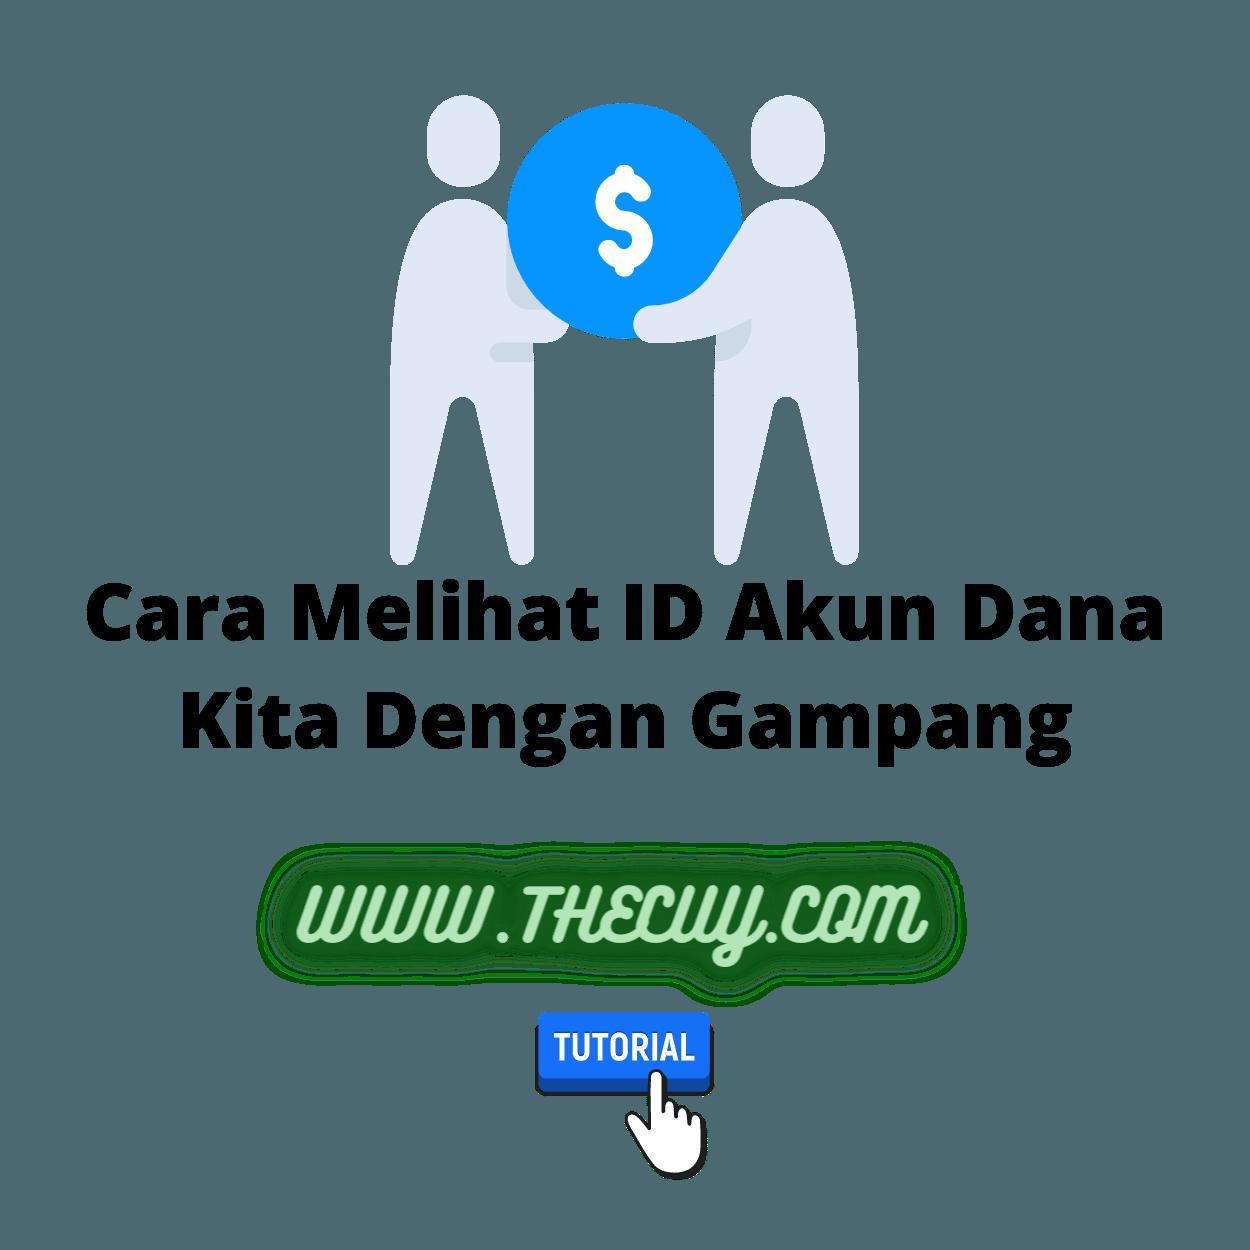 Cara Melihat ID Akun Dana Kita Dengan Gampang